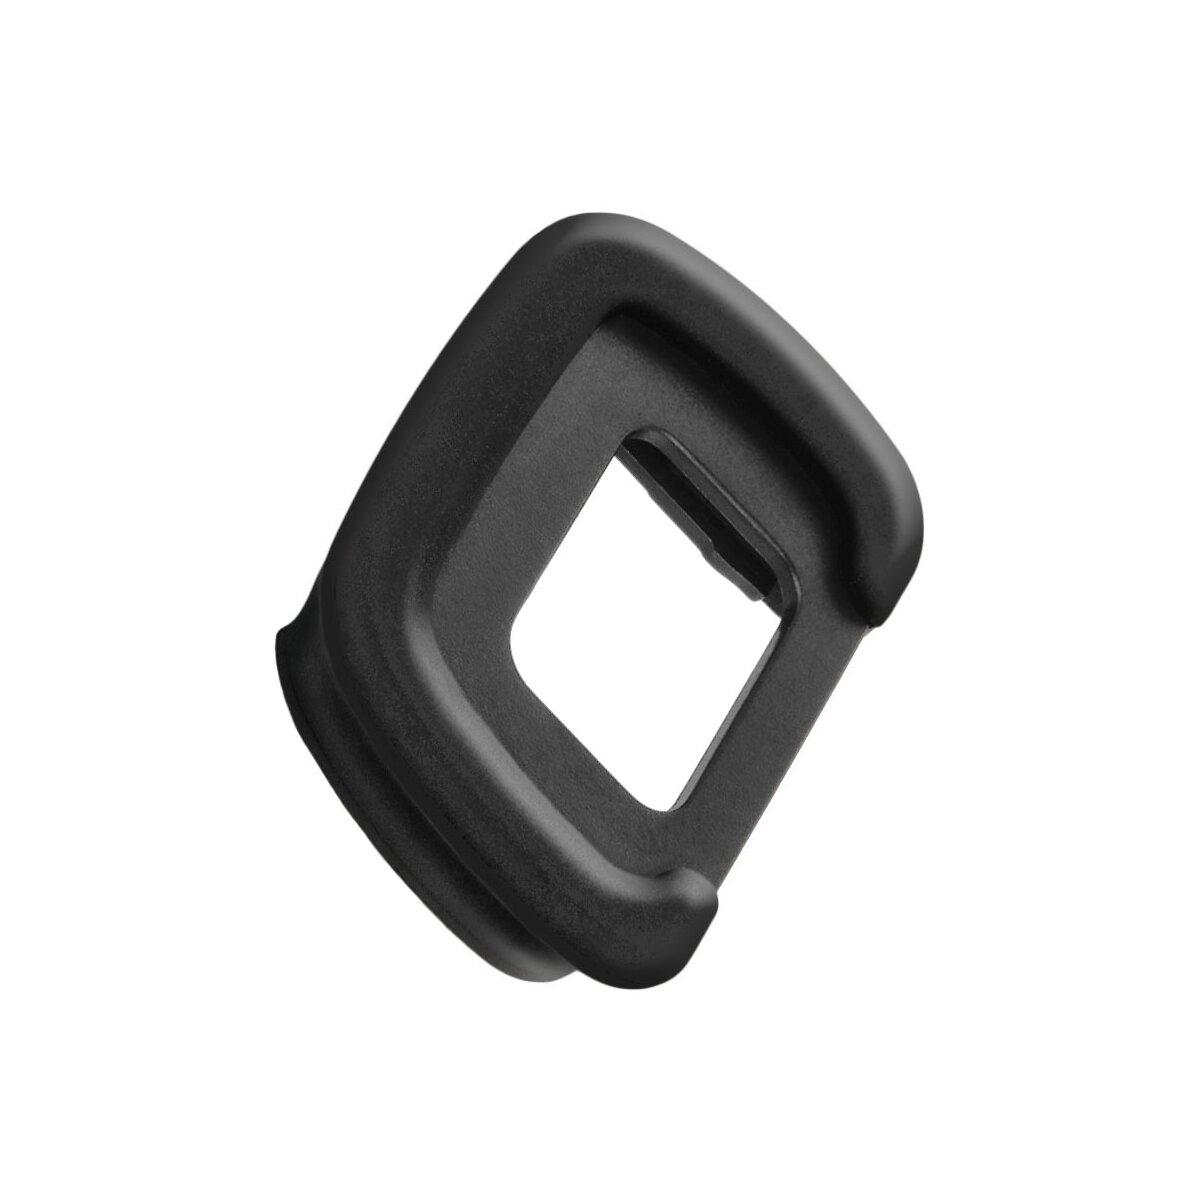 Augenmuschel für Pentax Kameras  ersetzt den entax Eyecup FR geeignet für Brillenträger und gegen Streulicht bei augengesteuerter Scharfeinstellung von JJC